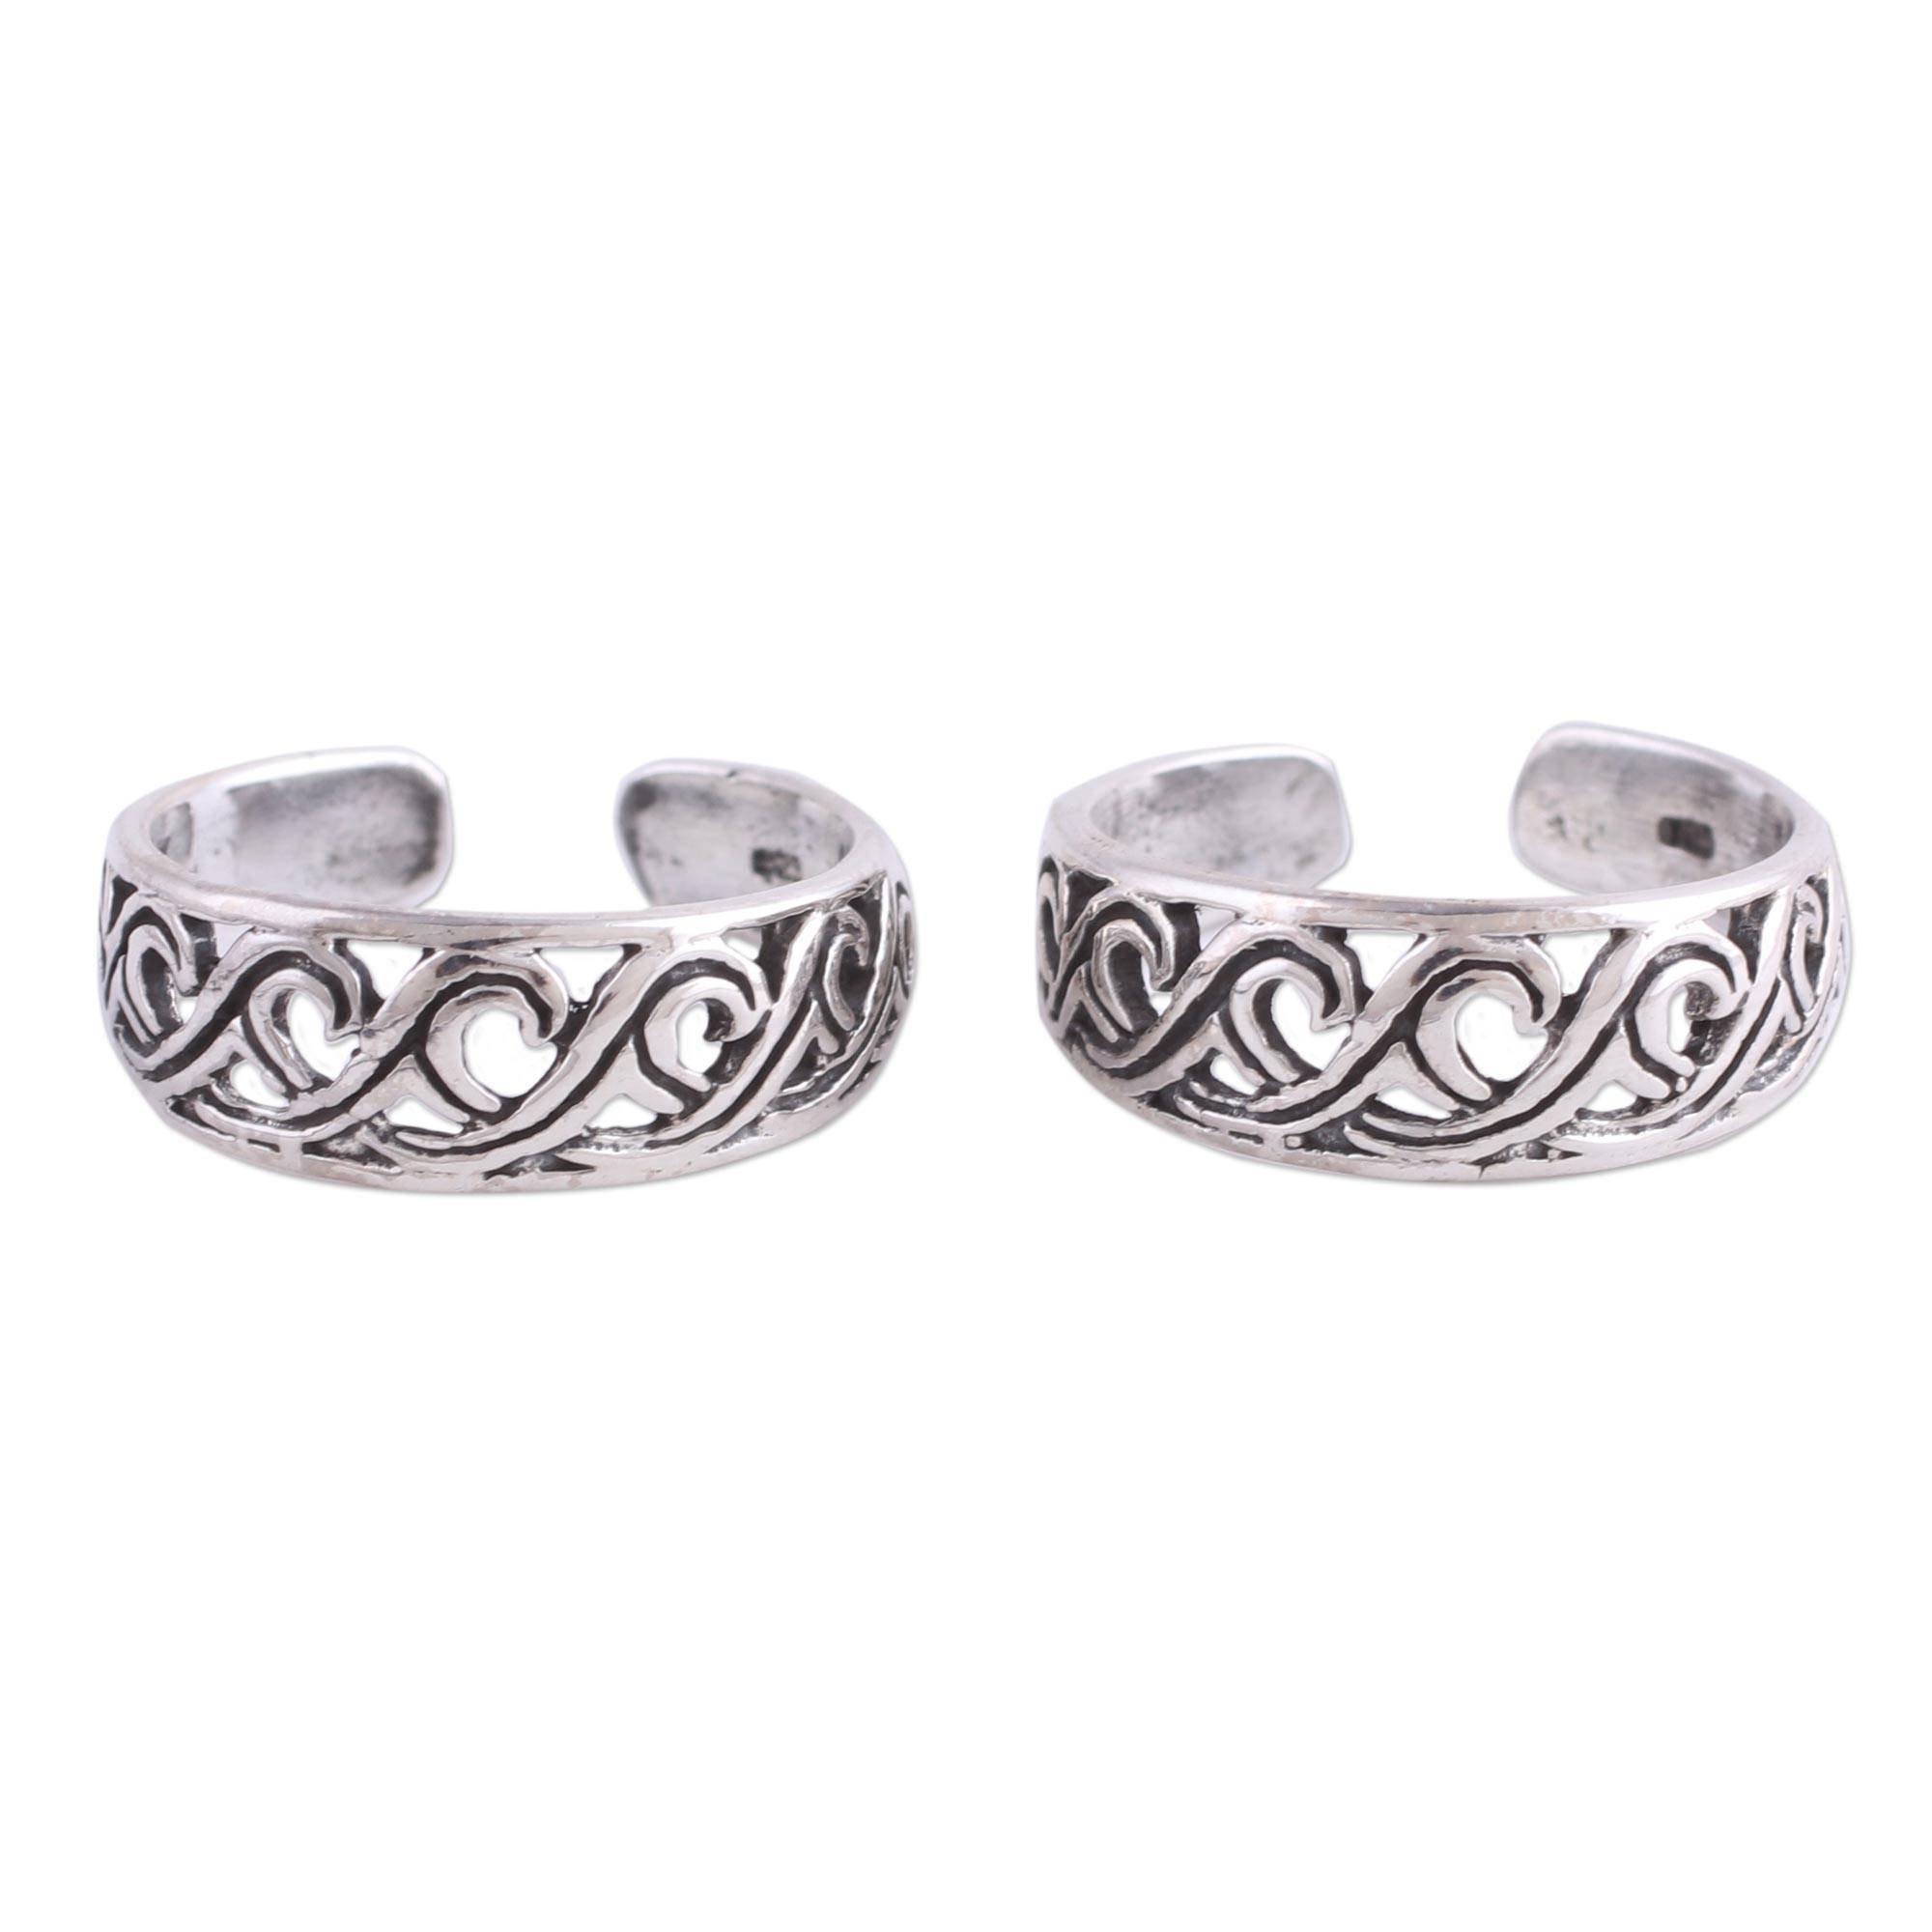 NOVICA .925 Sterling Silver Spiral Ocean Wave Motif Toe Rings 'Fascinating Swirls' (pair)